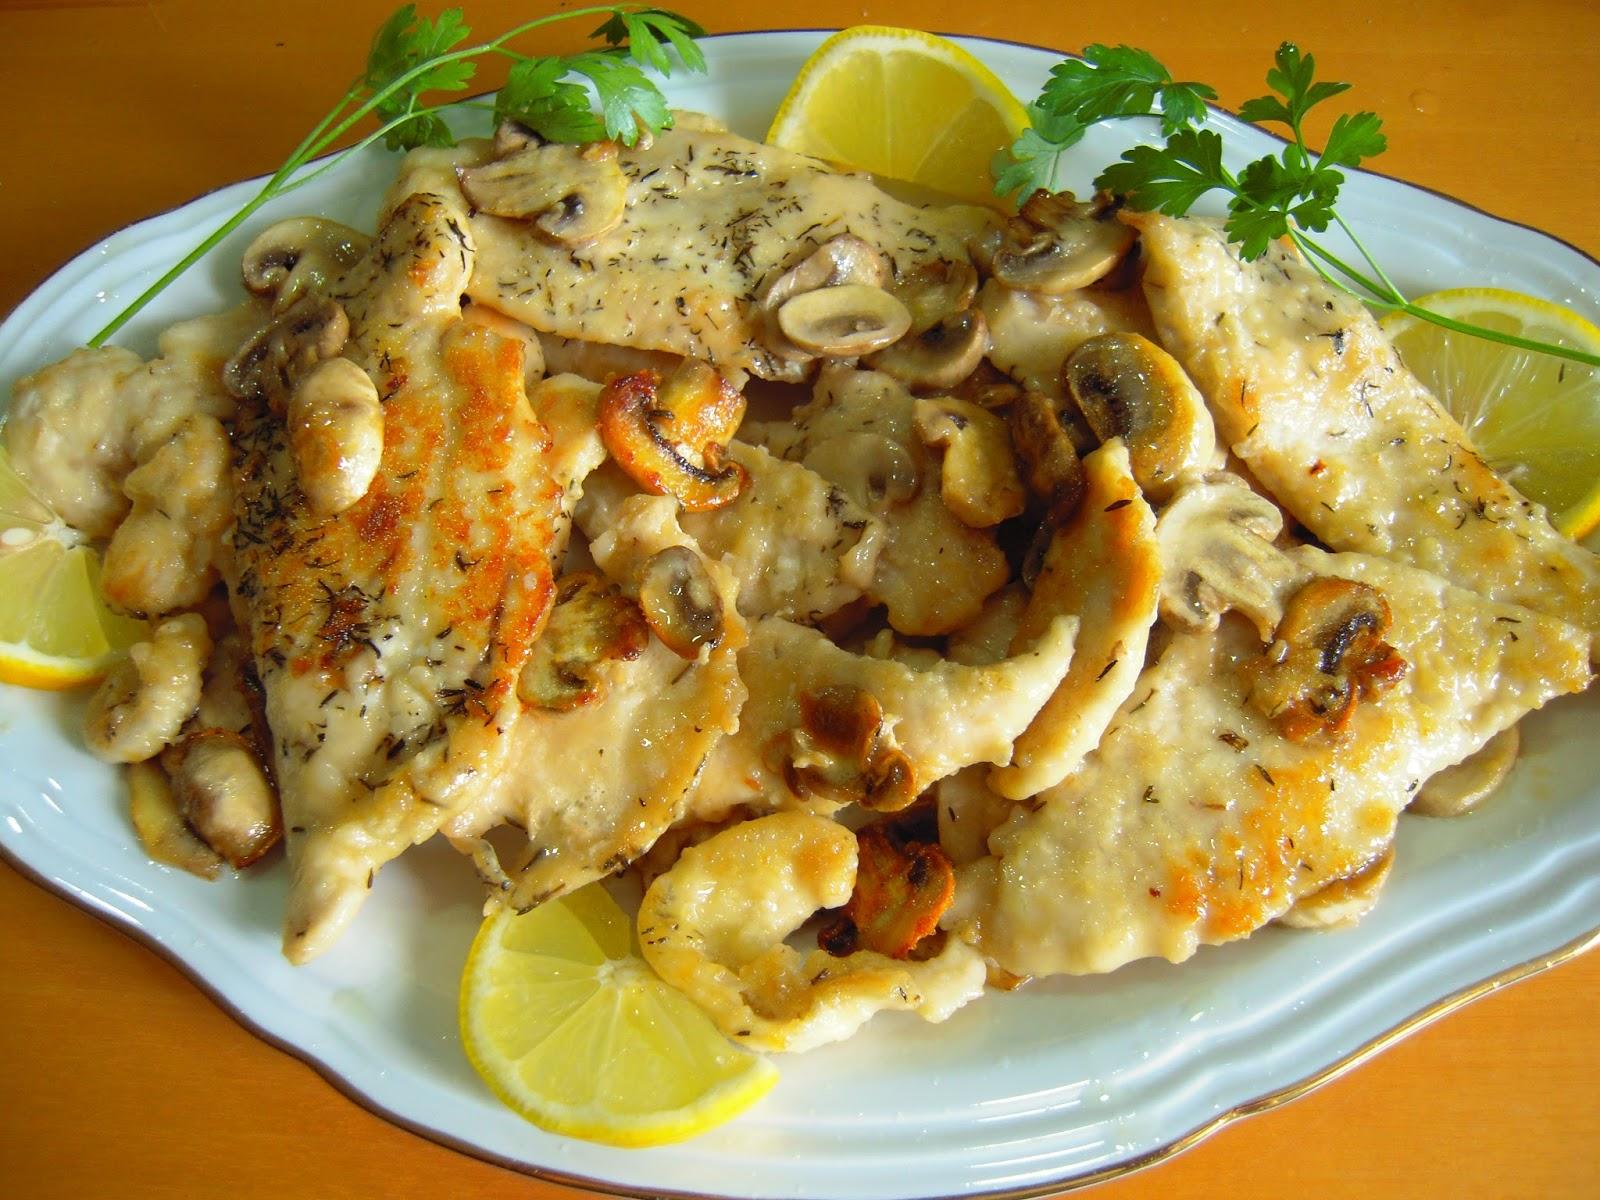 Cocinando en altorreal pechugas de pollo al lim n - Pechugas de pollo al limon ...